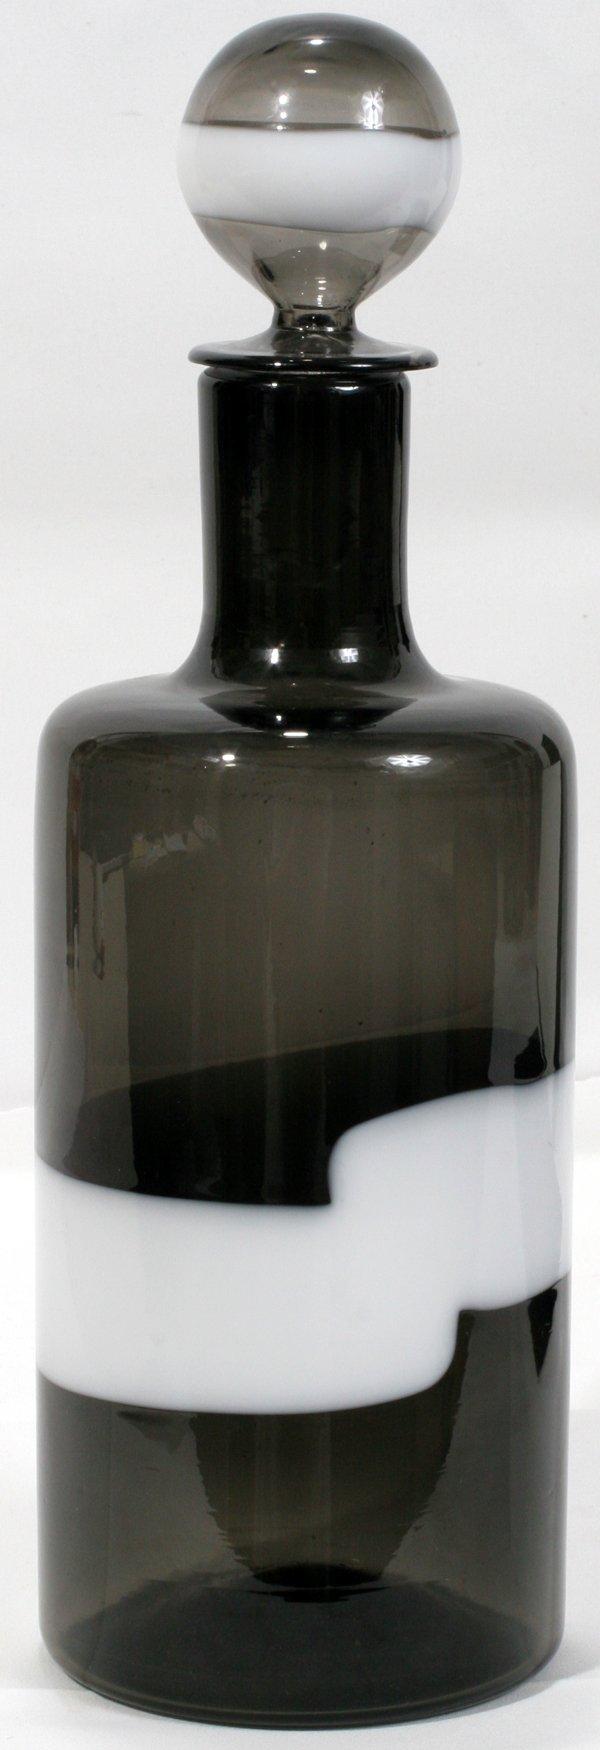 070012: VENINI MURANO ITALIA GLASS BOTTLE W/STOPPER